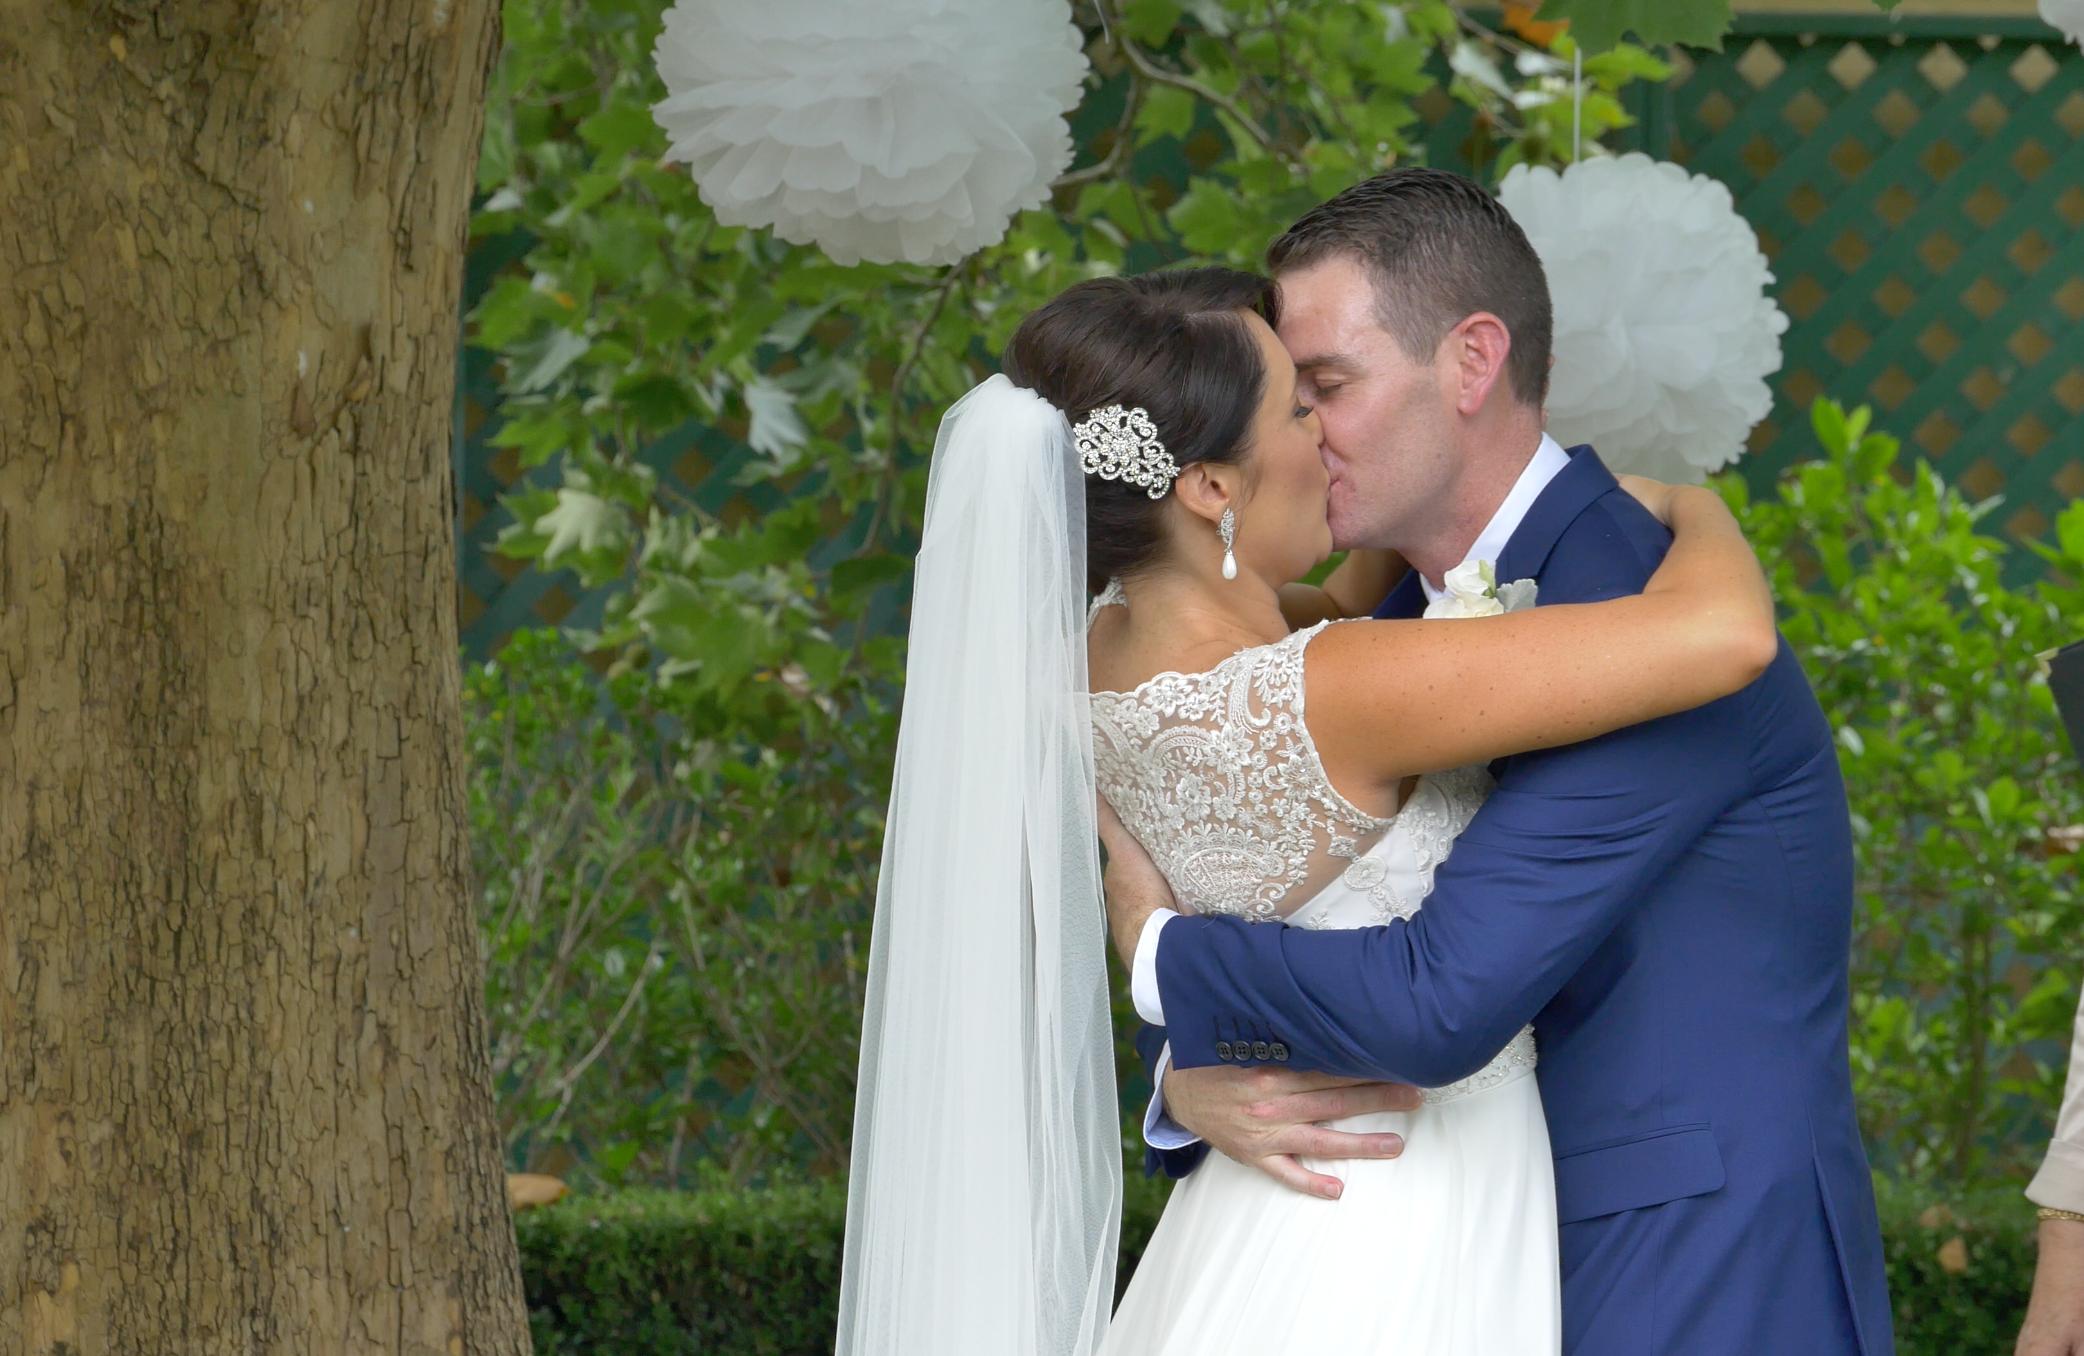 Nathan & Zoe's Wedding